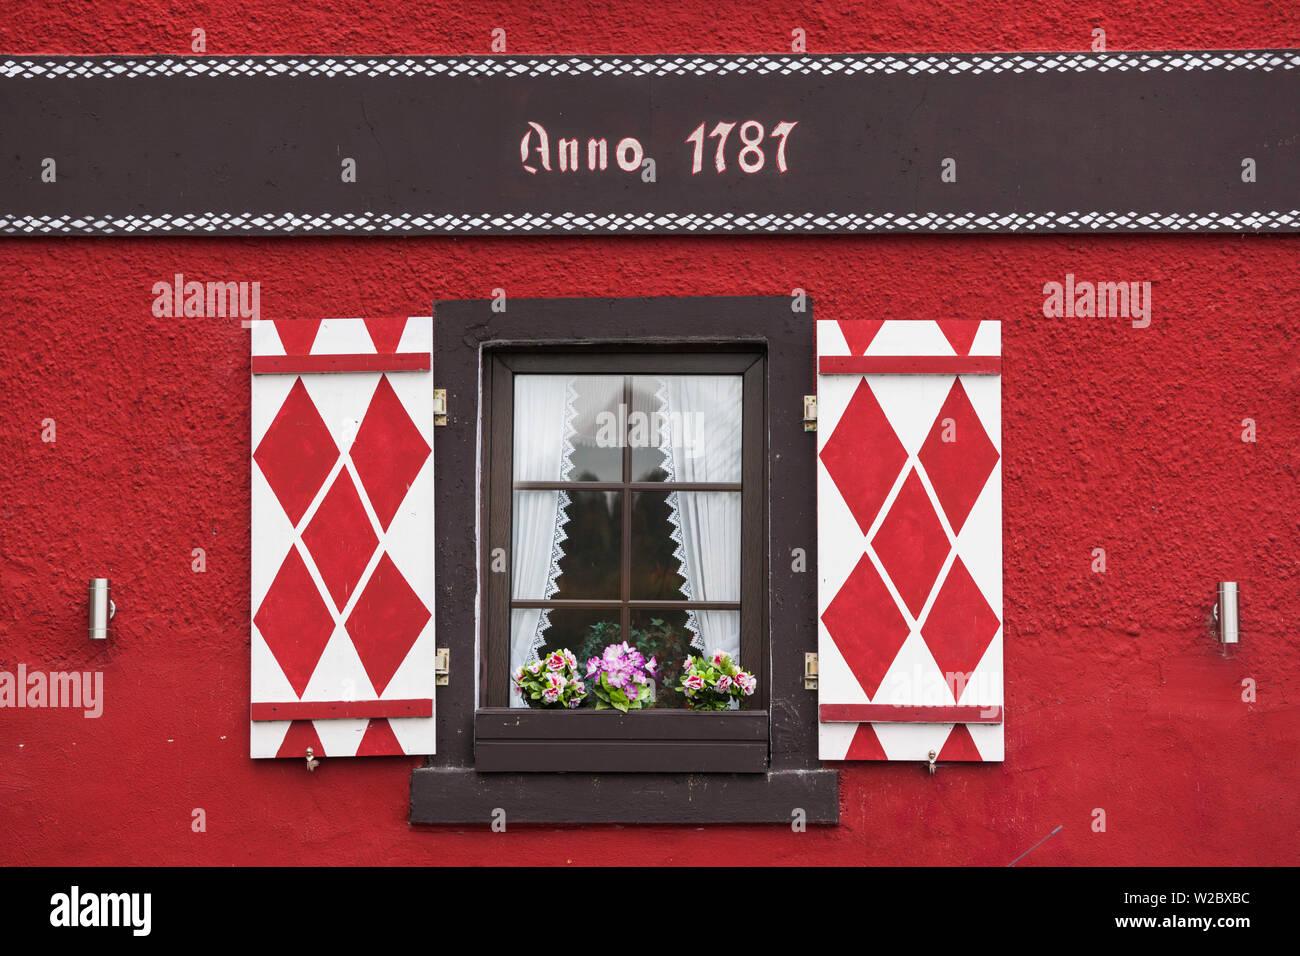 Germany, Rheinland-Pfalz, Boppard, building detail Stock Photo